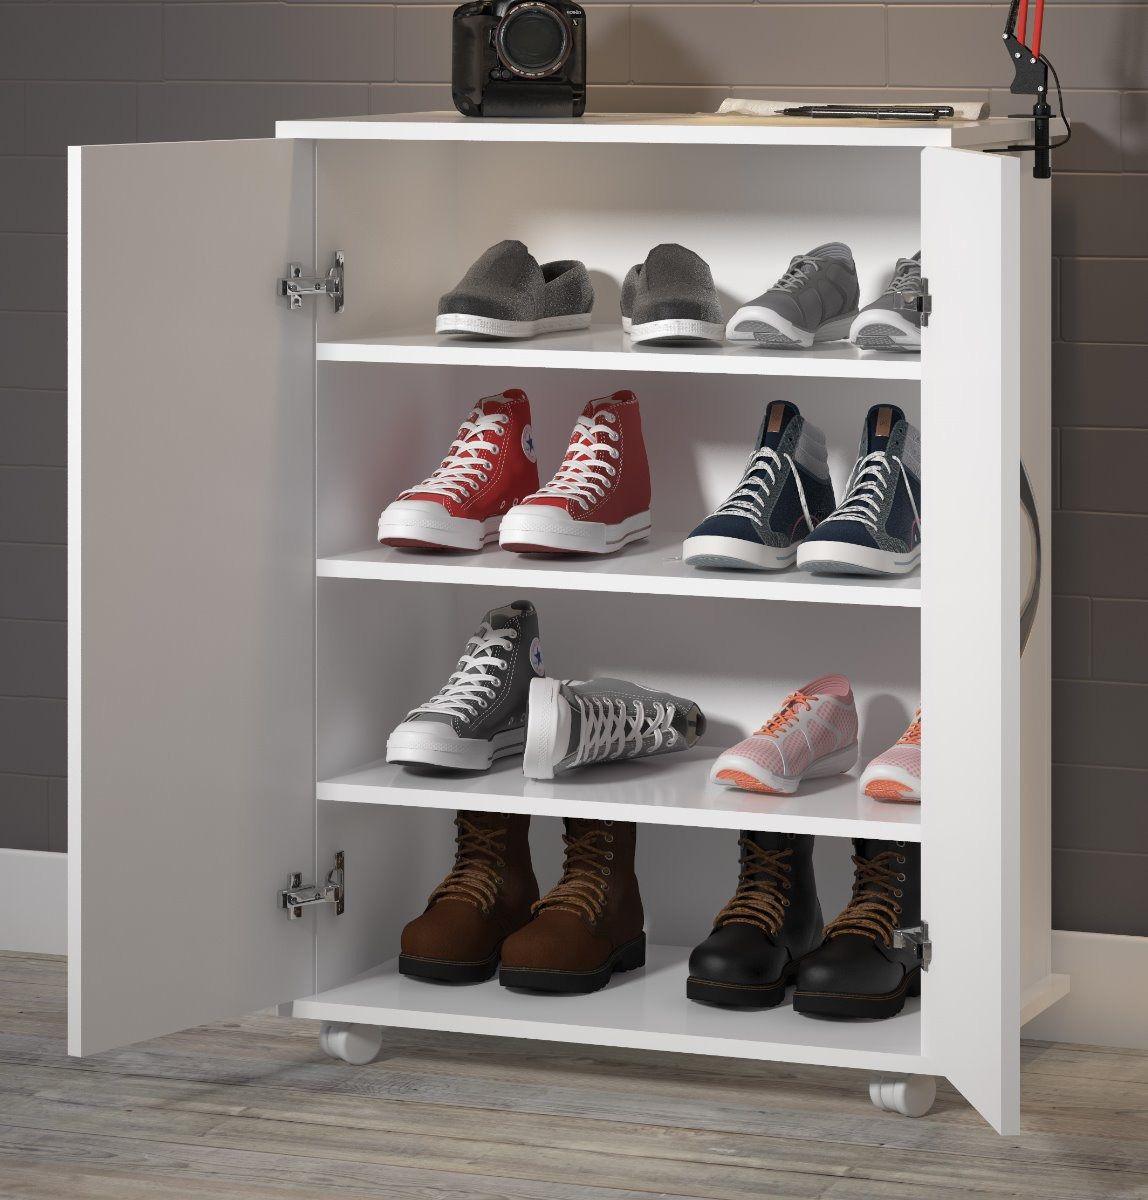 Armário Branco Multiuso Balcão c/ Prateleiras Sapatos Livros